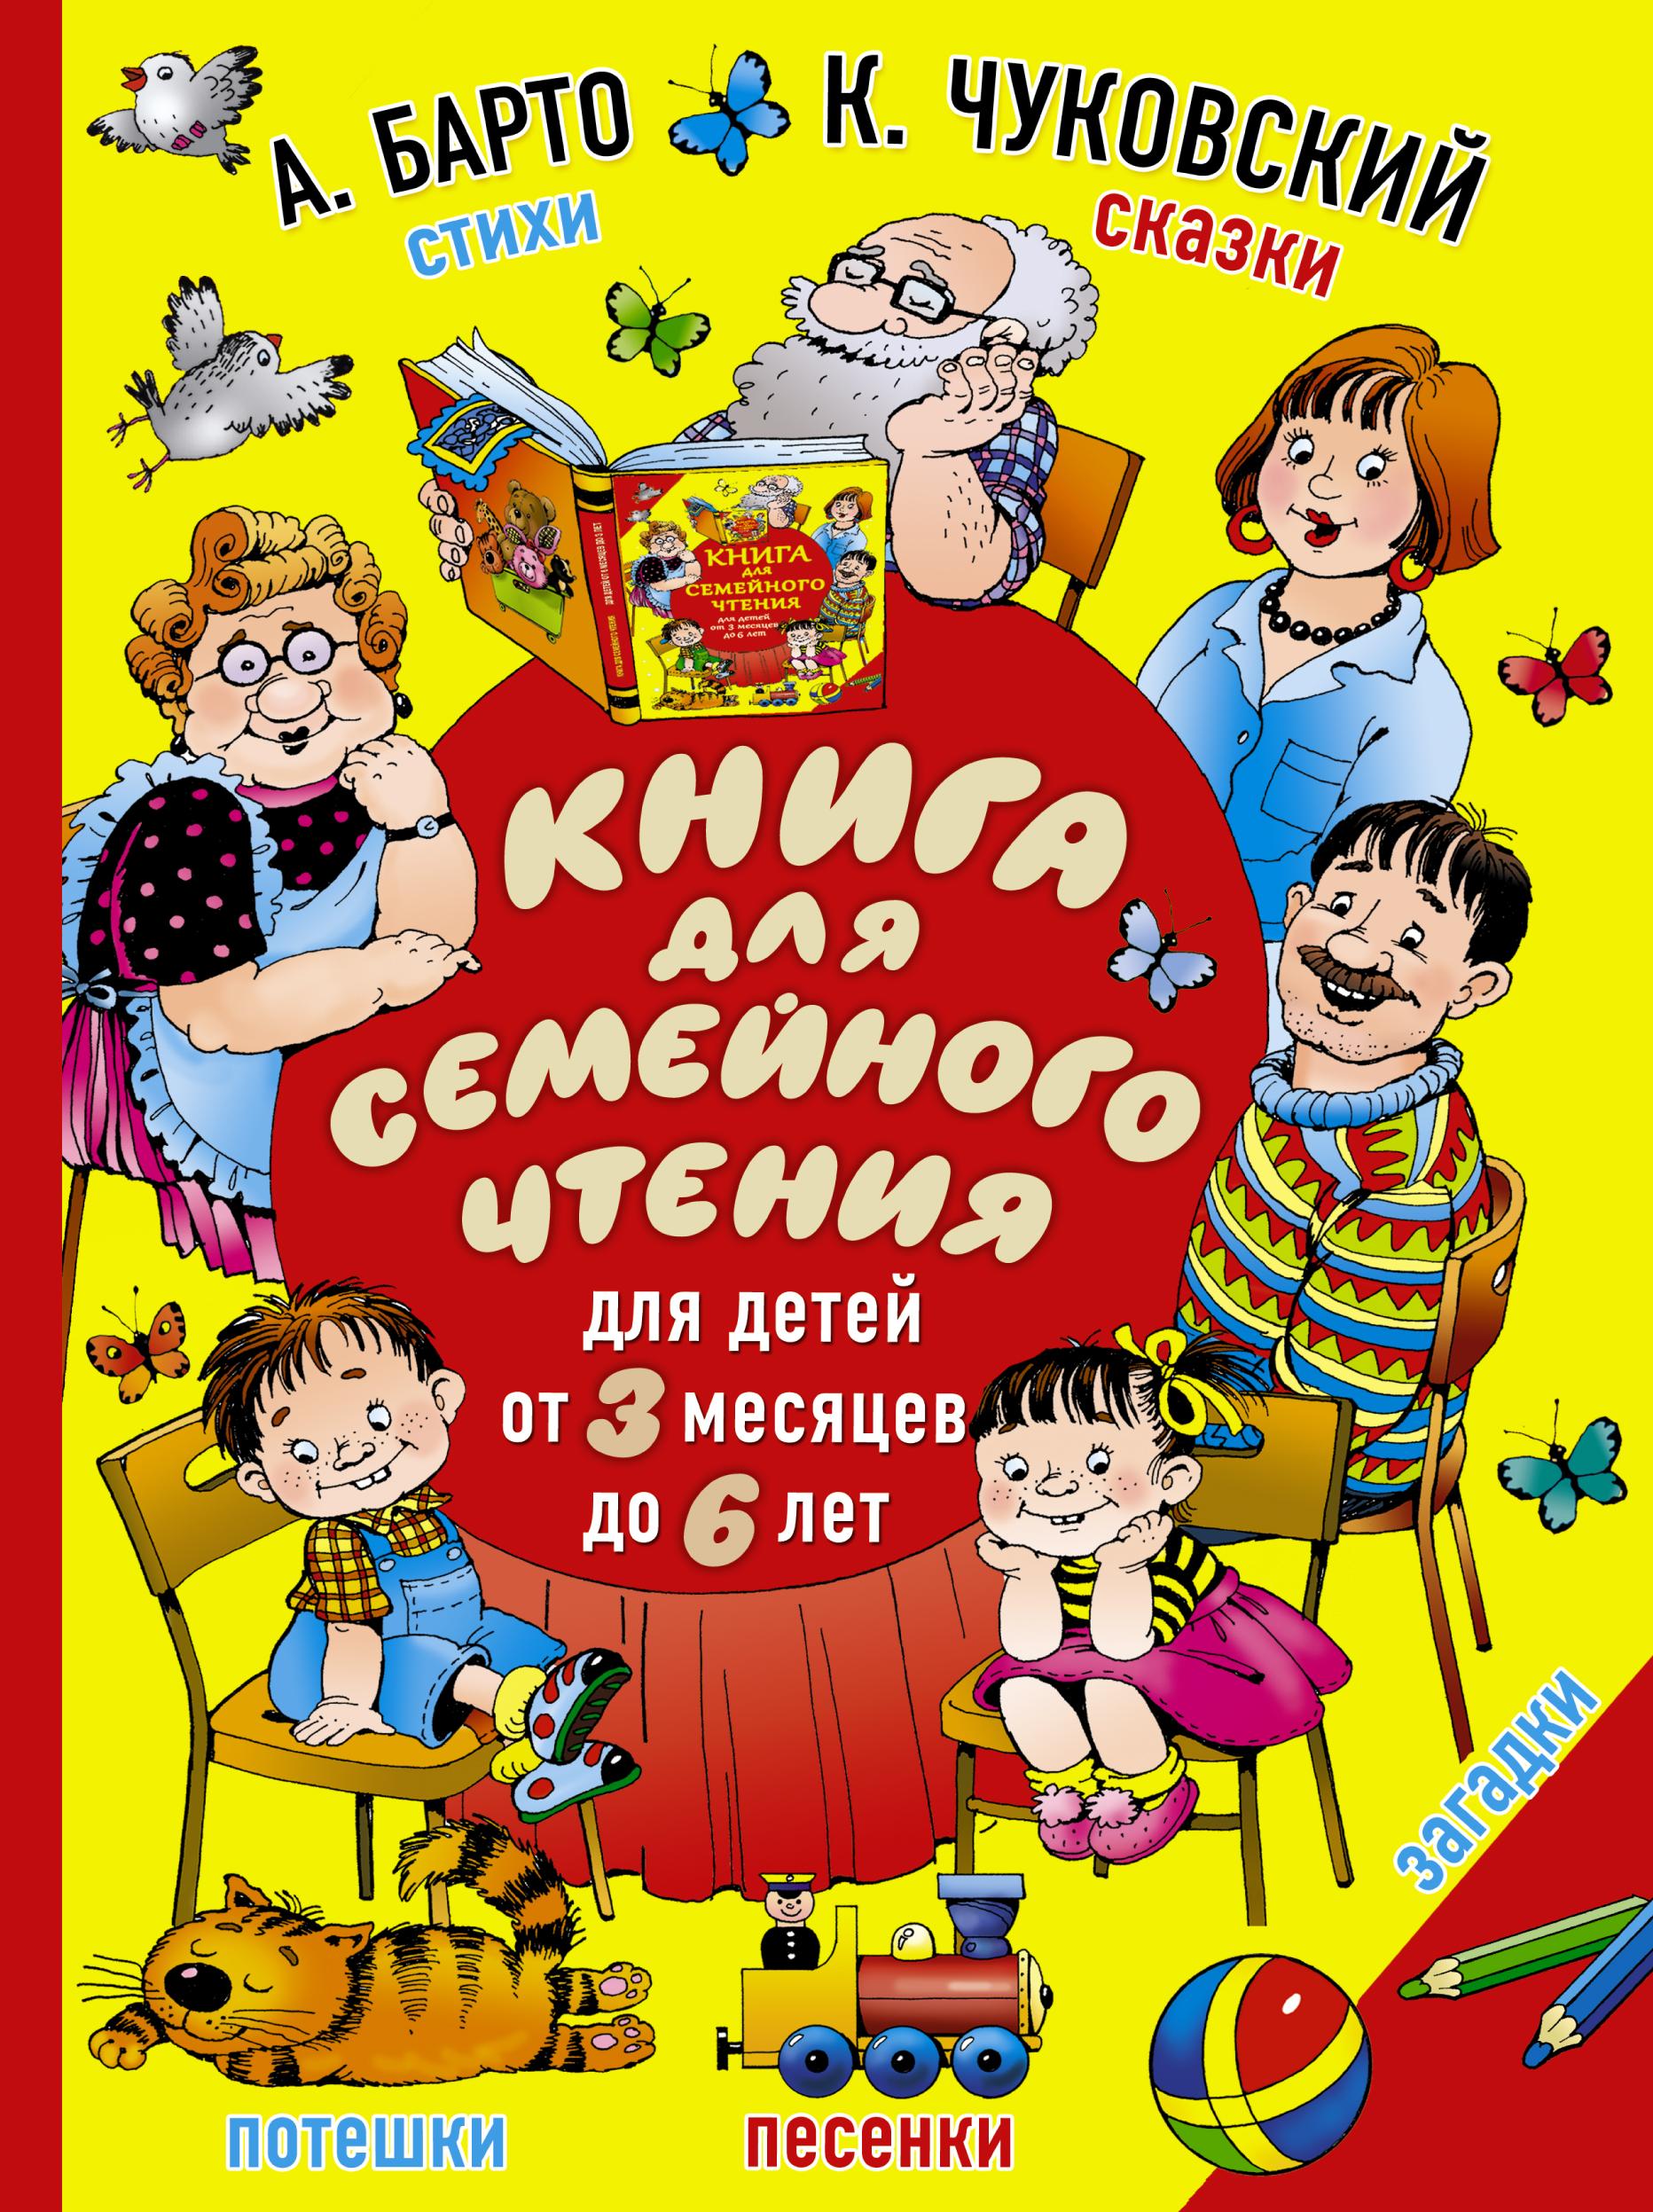 Купить Книга для семейного чтения: для детей от 3 месяцев до 6 лет, АСТ, Книги по обучению и развитию детей